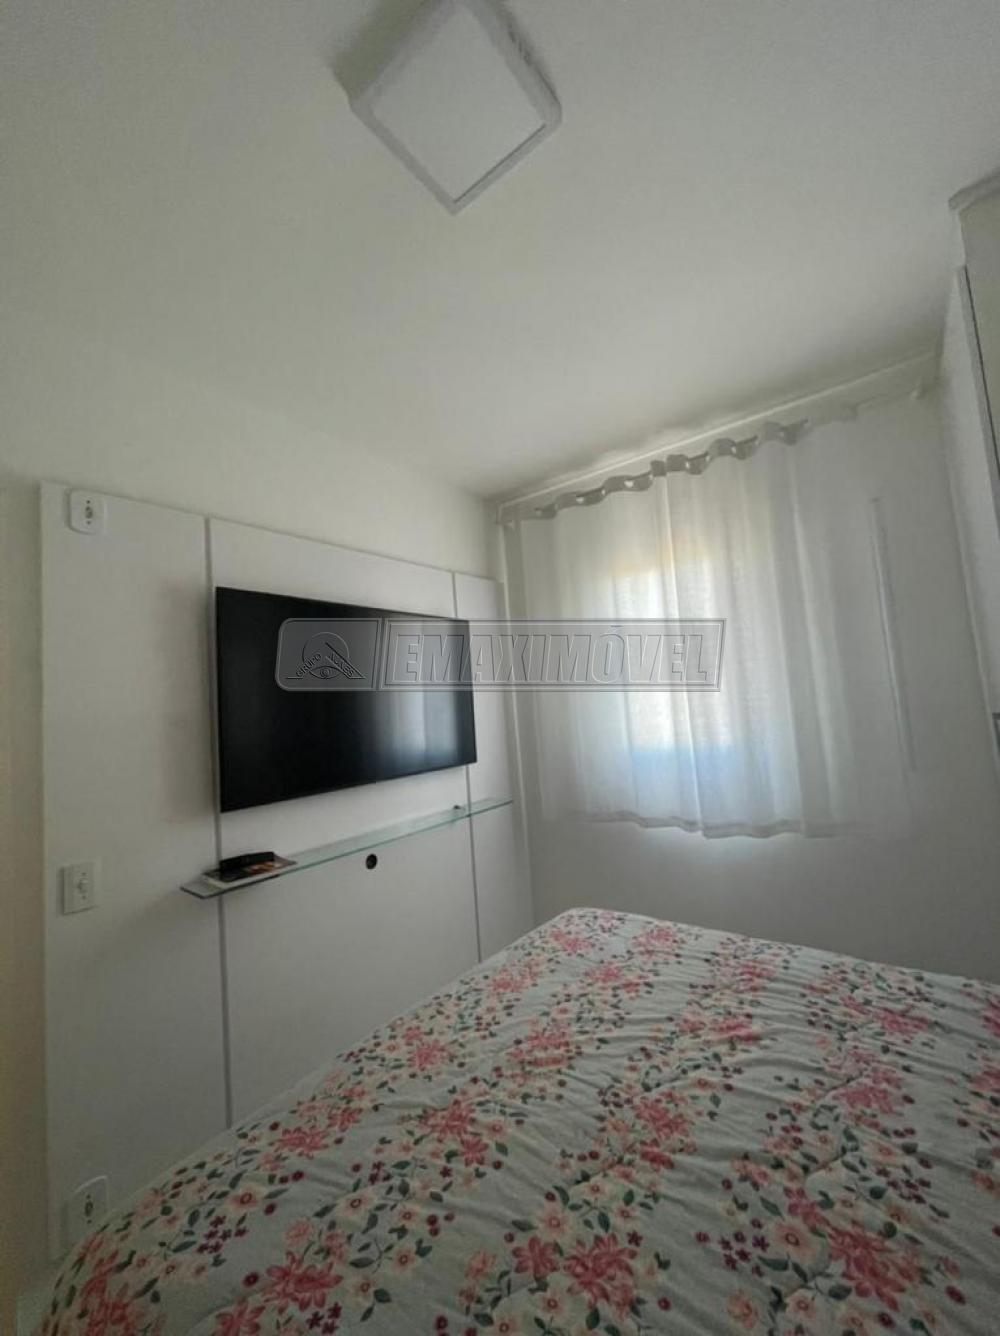 Comprar Apartamento / Padrão em Sorocaba R$ 240.000,00 - Foto 6